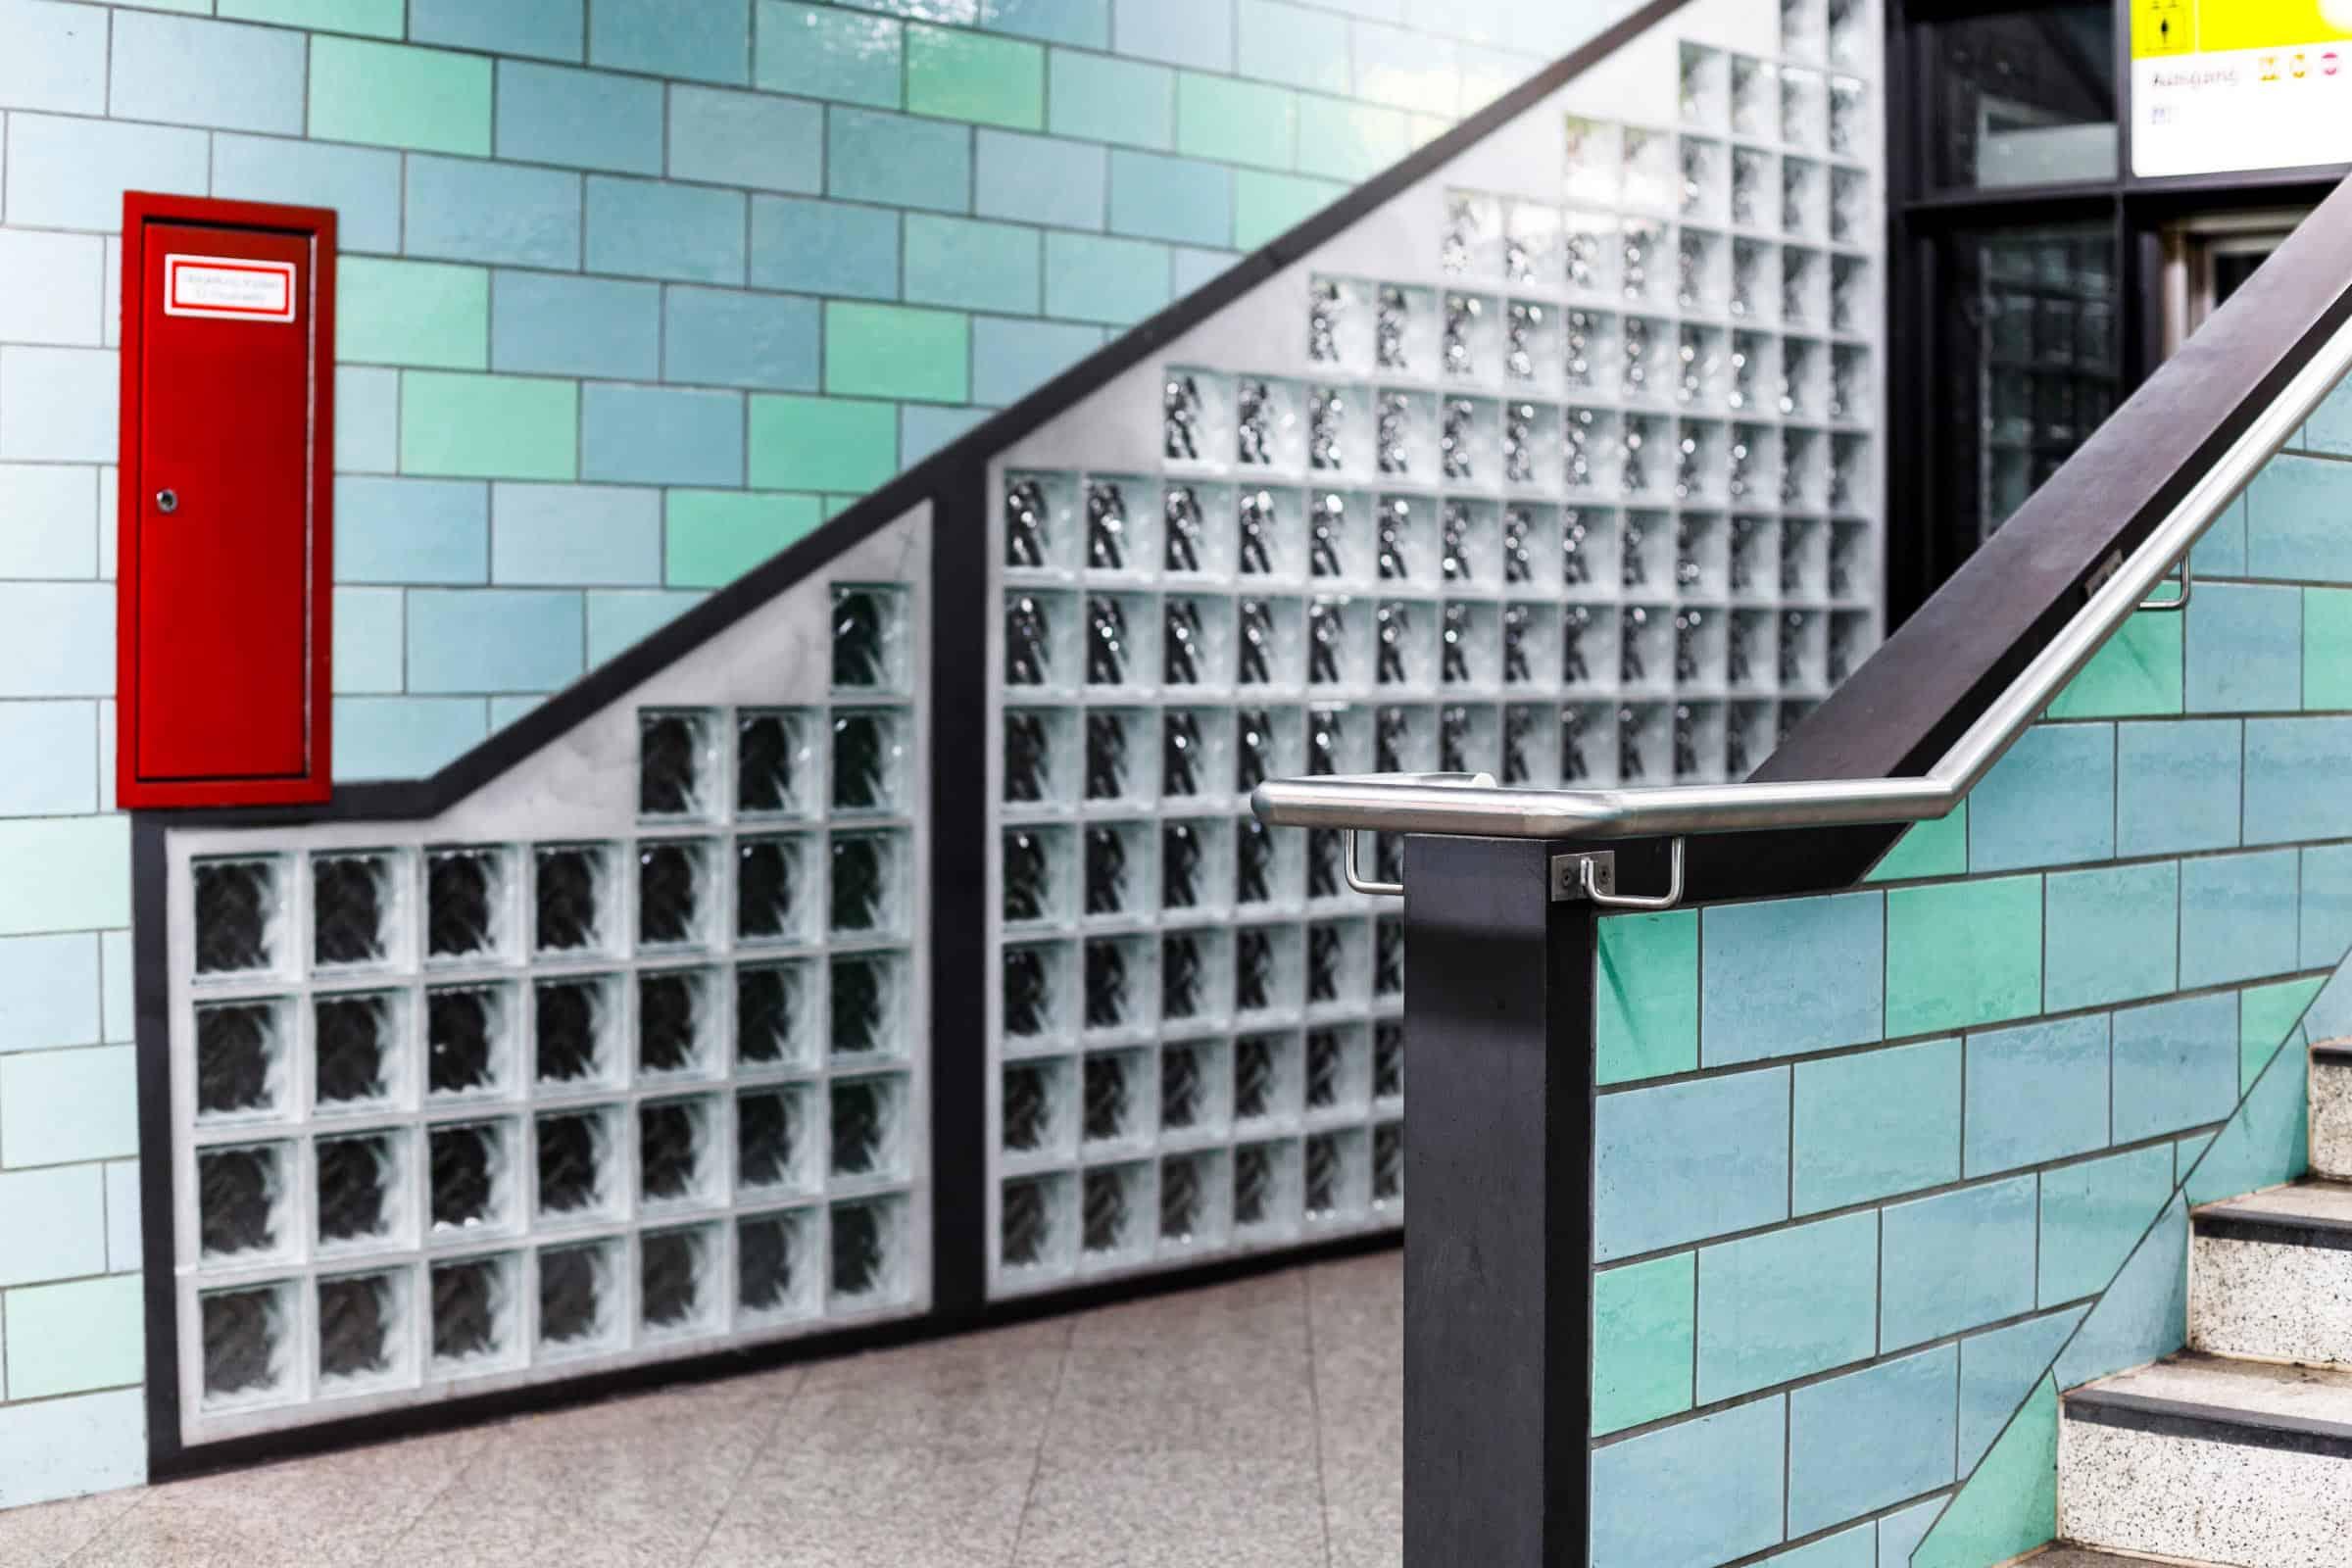 S2 - U Bahnhof Alexanderplatz – Berlin Treppen